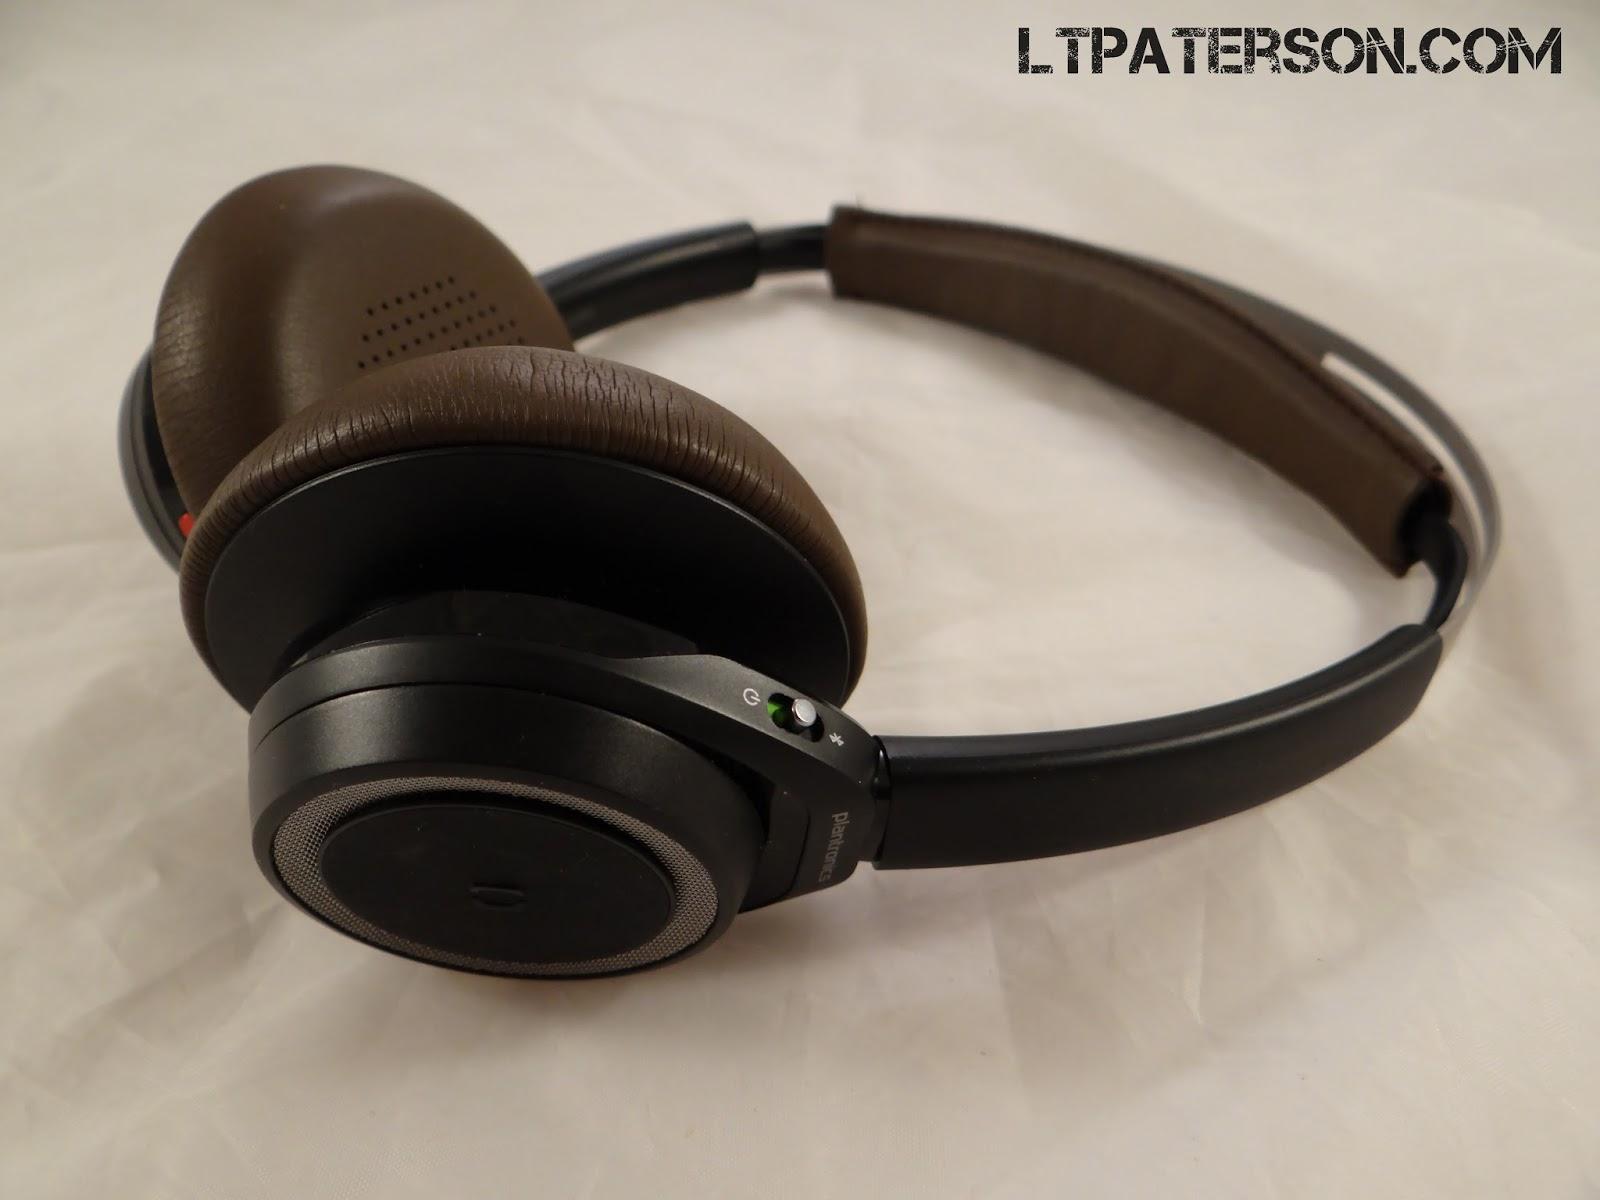 d454e4e06e8 Test du casque sans-fil BackBeat Sense de Plantronics | Ltpaterson ...